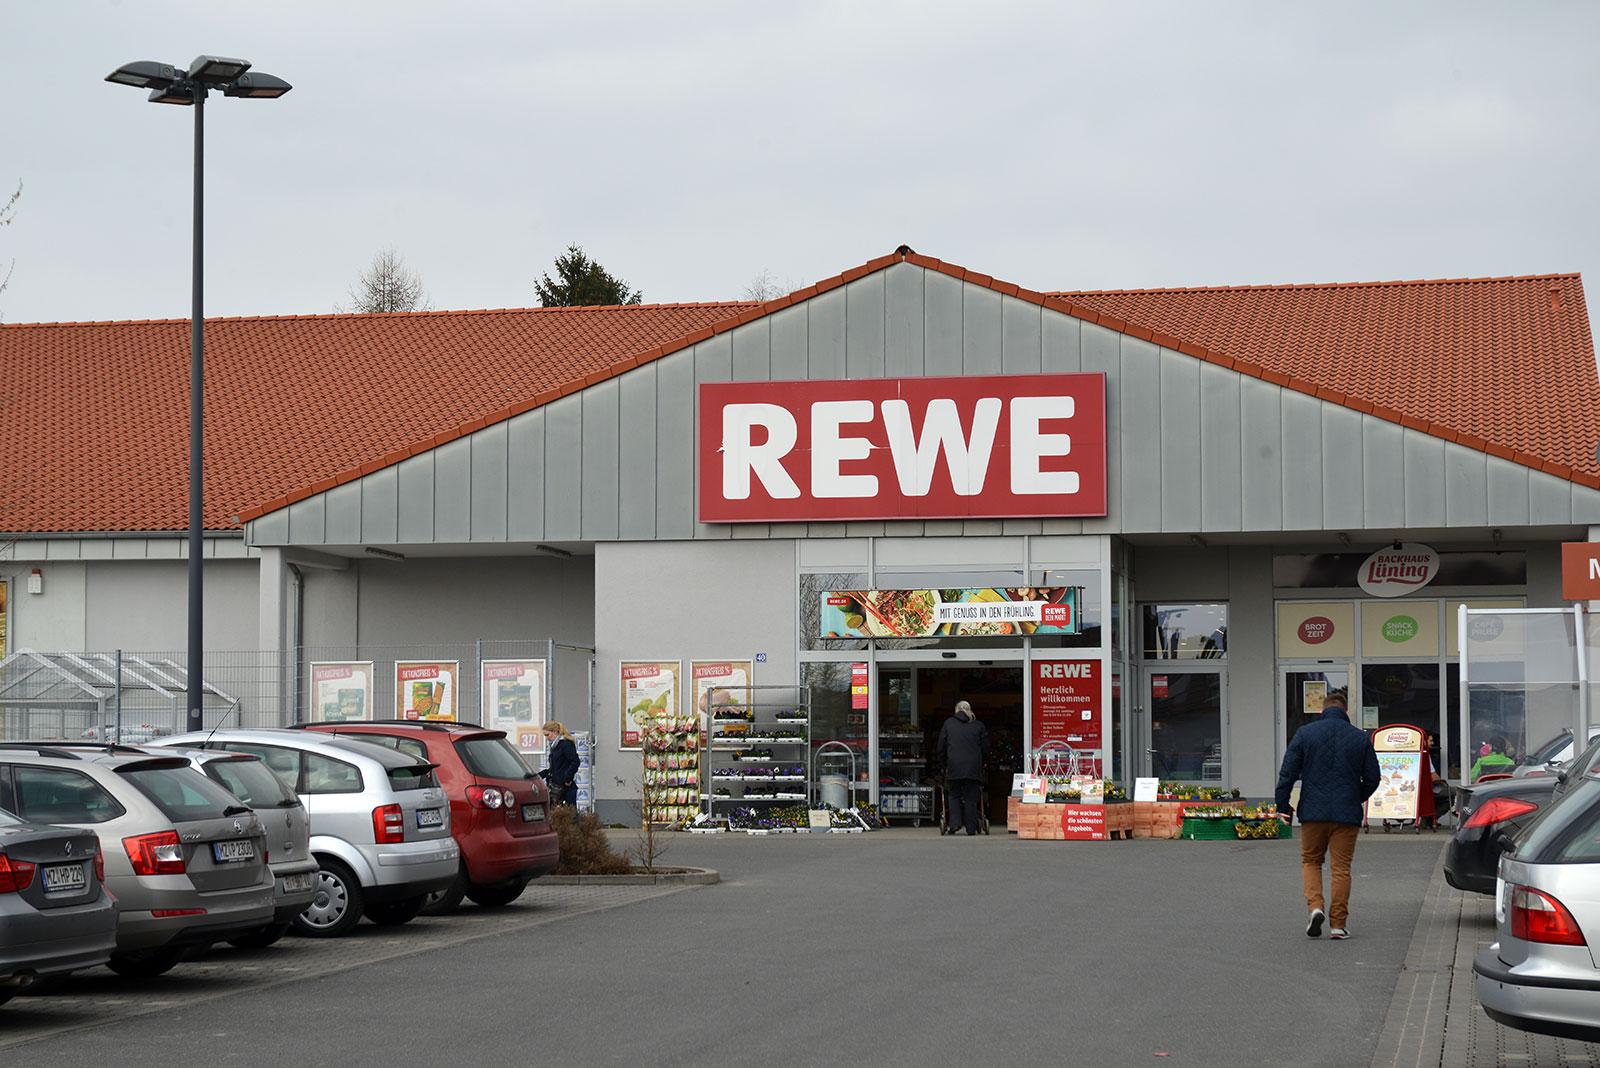 Neben REWE ist auch ein ALDI